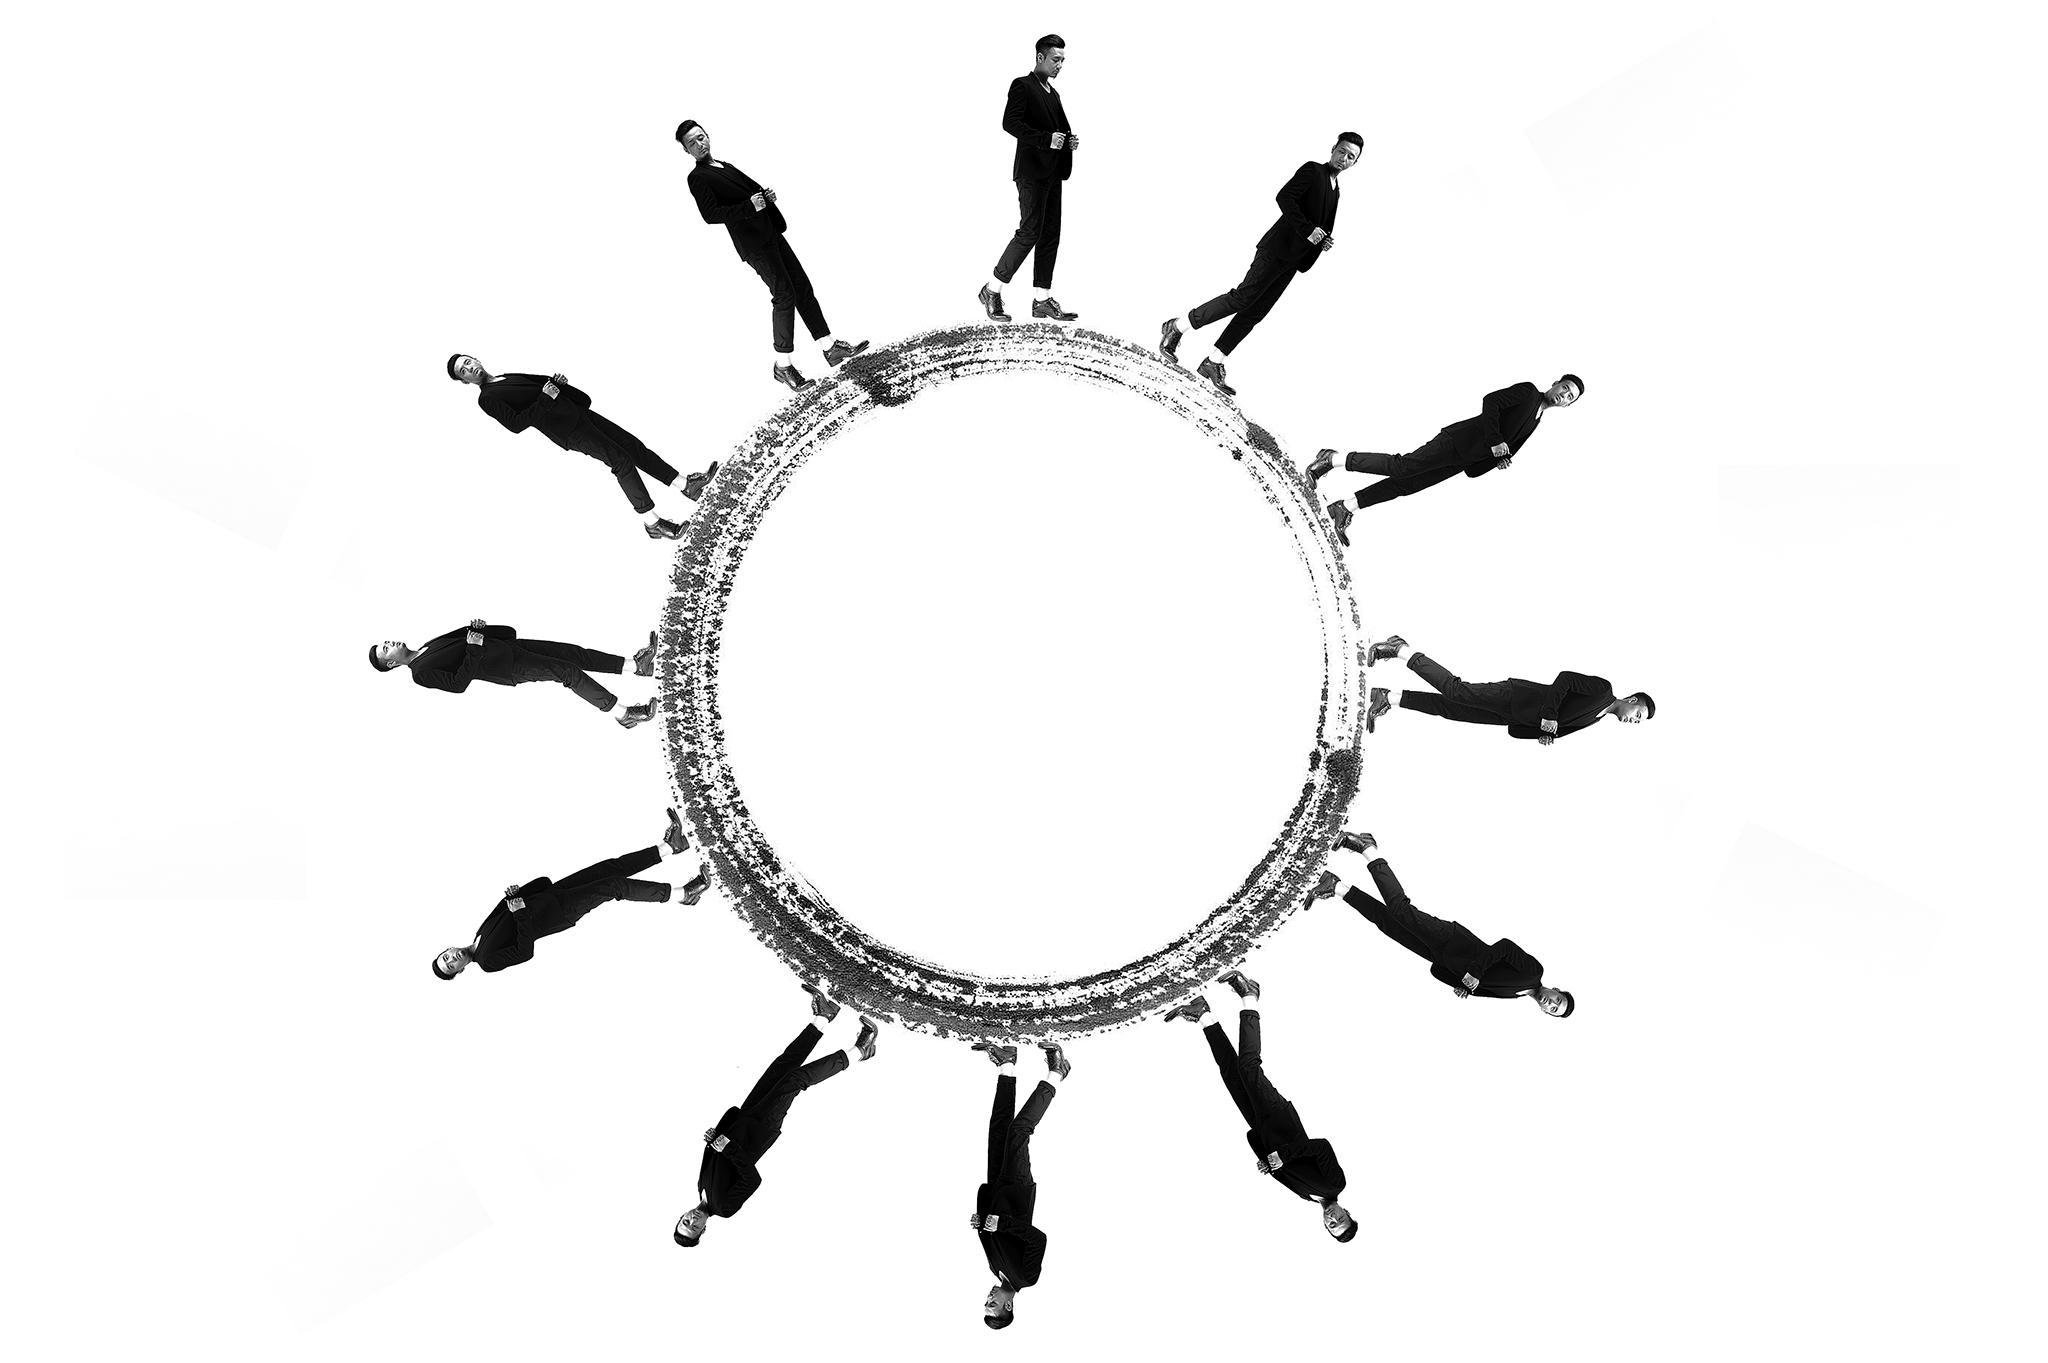 有人 / Project : People 2015 | 獨立攝影師 Anderson Chien